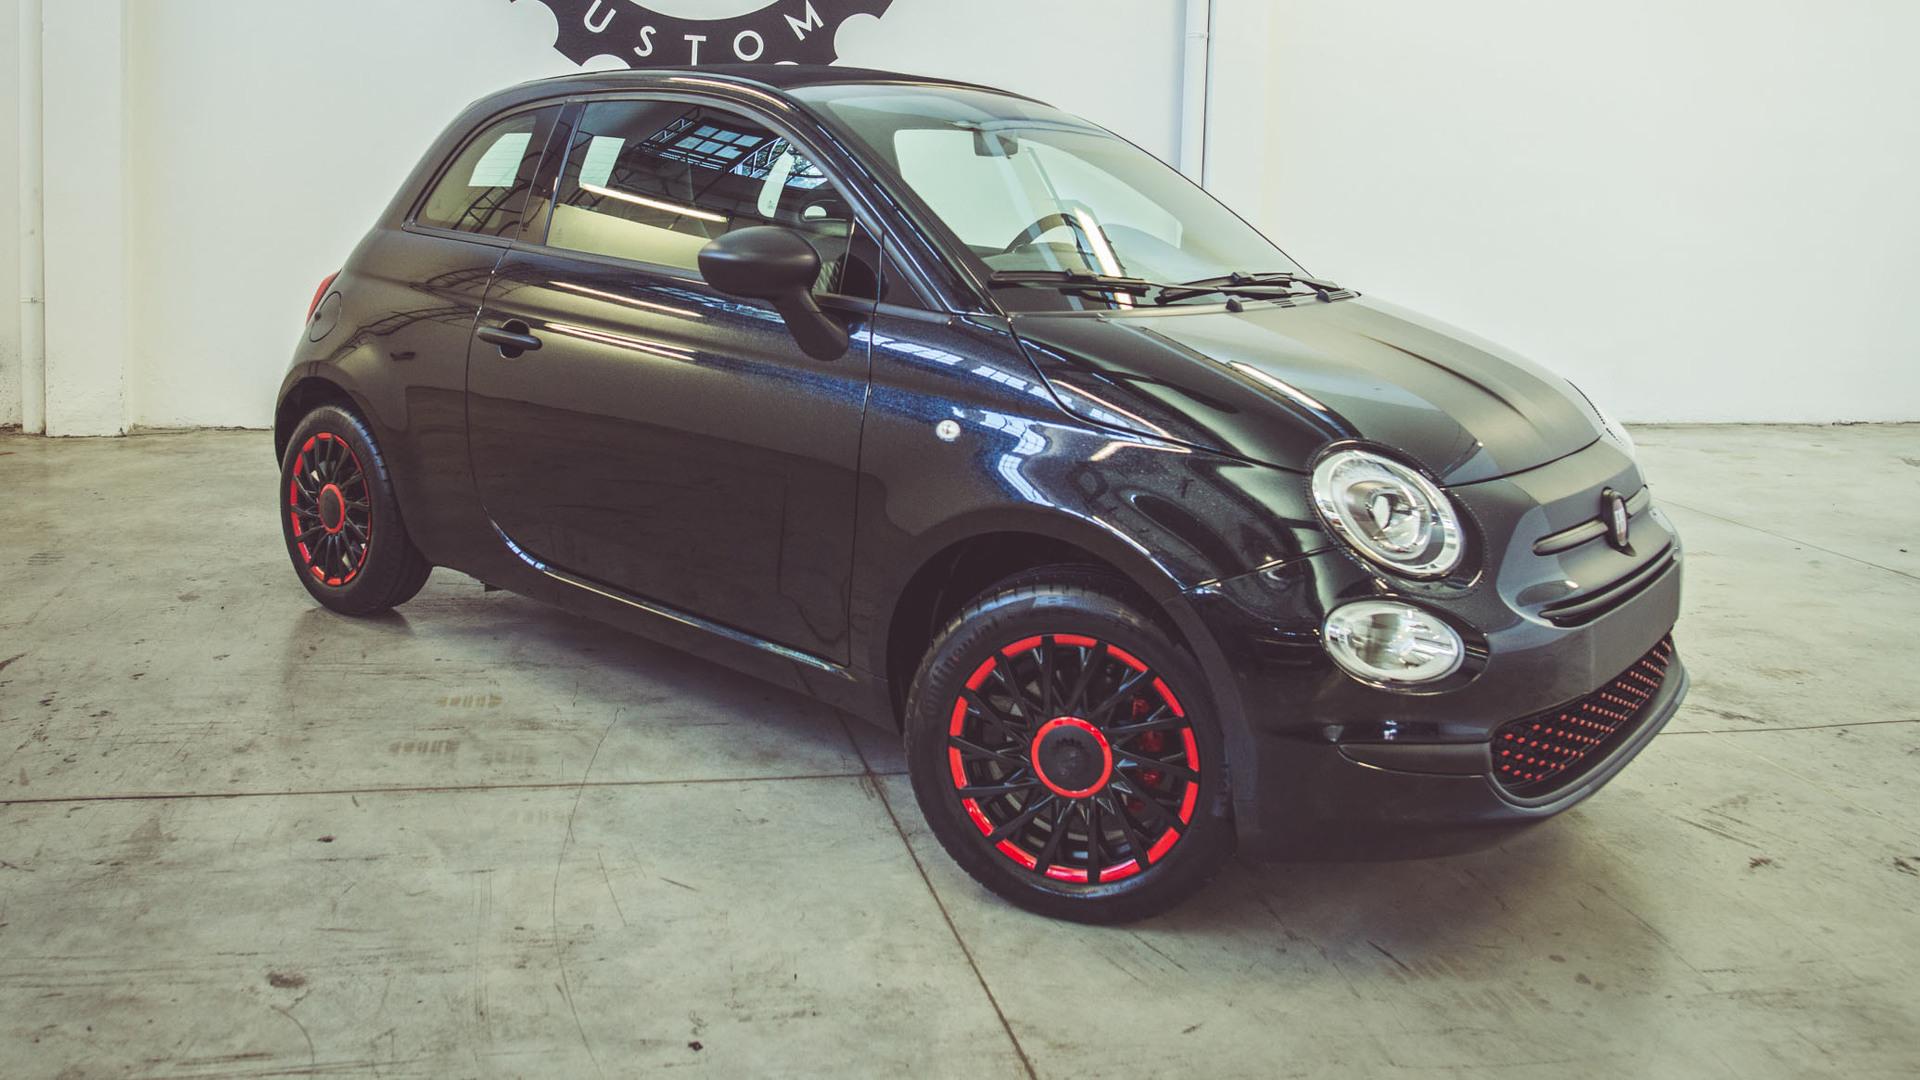 Fiat-500c-Garage-Italia-Customs-555RR-01